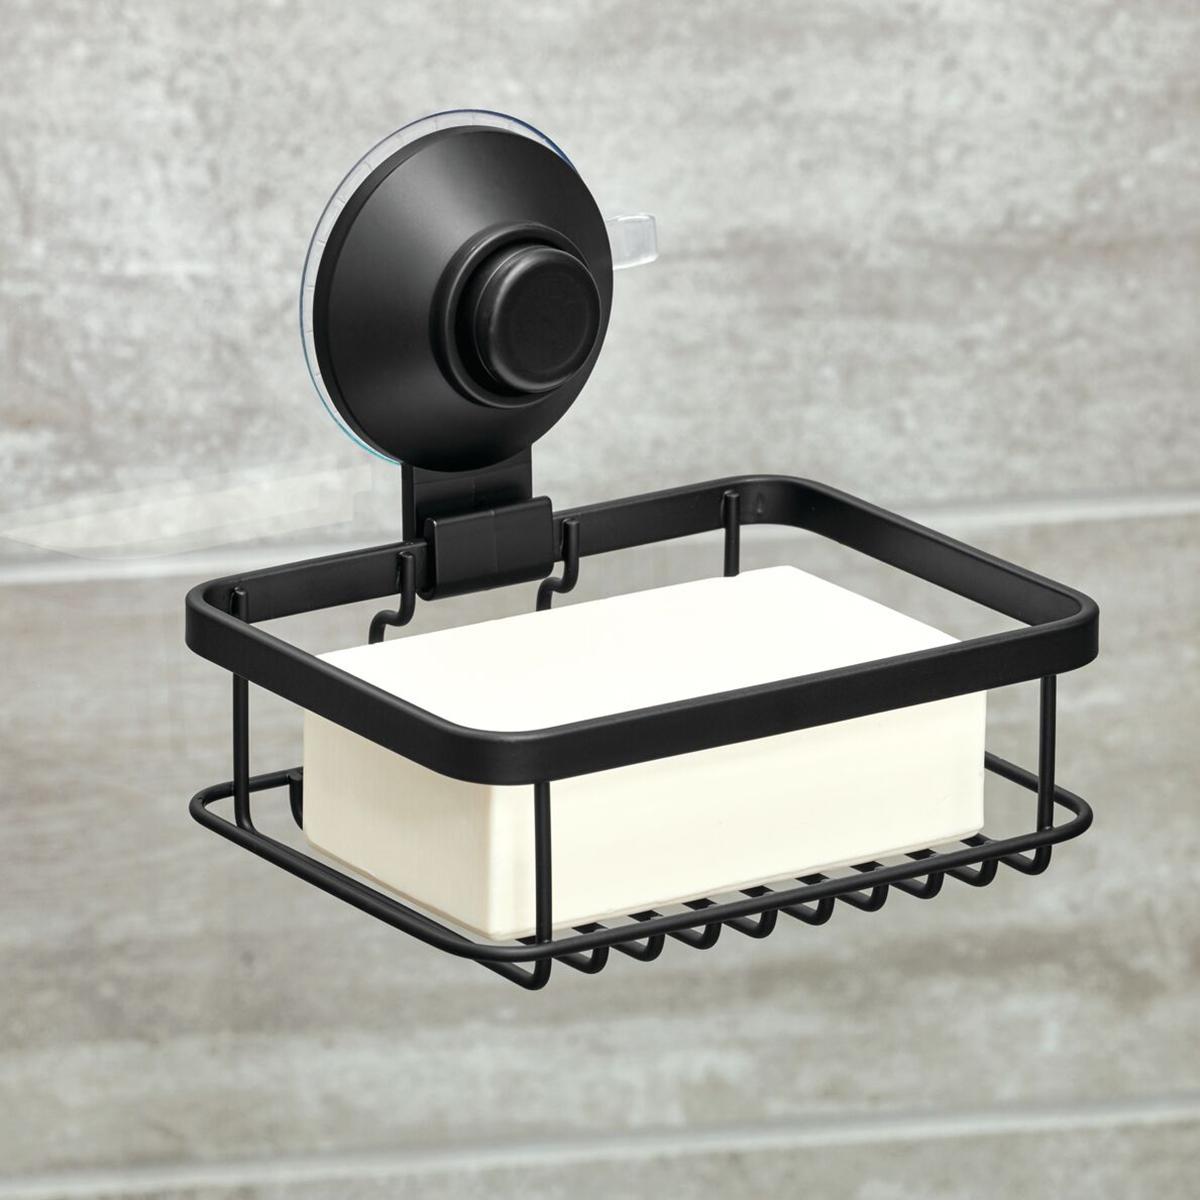 iDesign Everett Matte Black Push-Lock Suction Shower Soap Holder